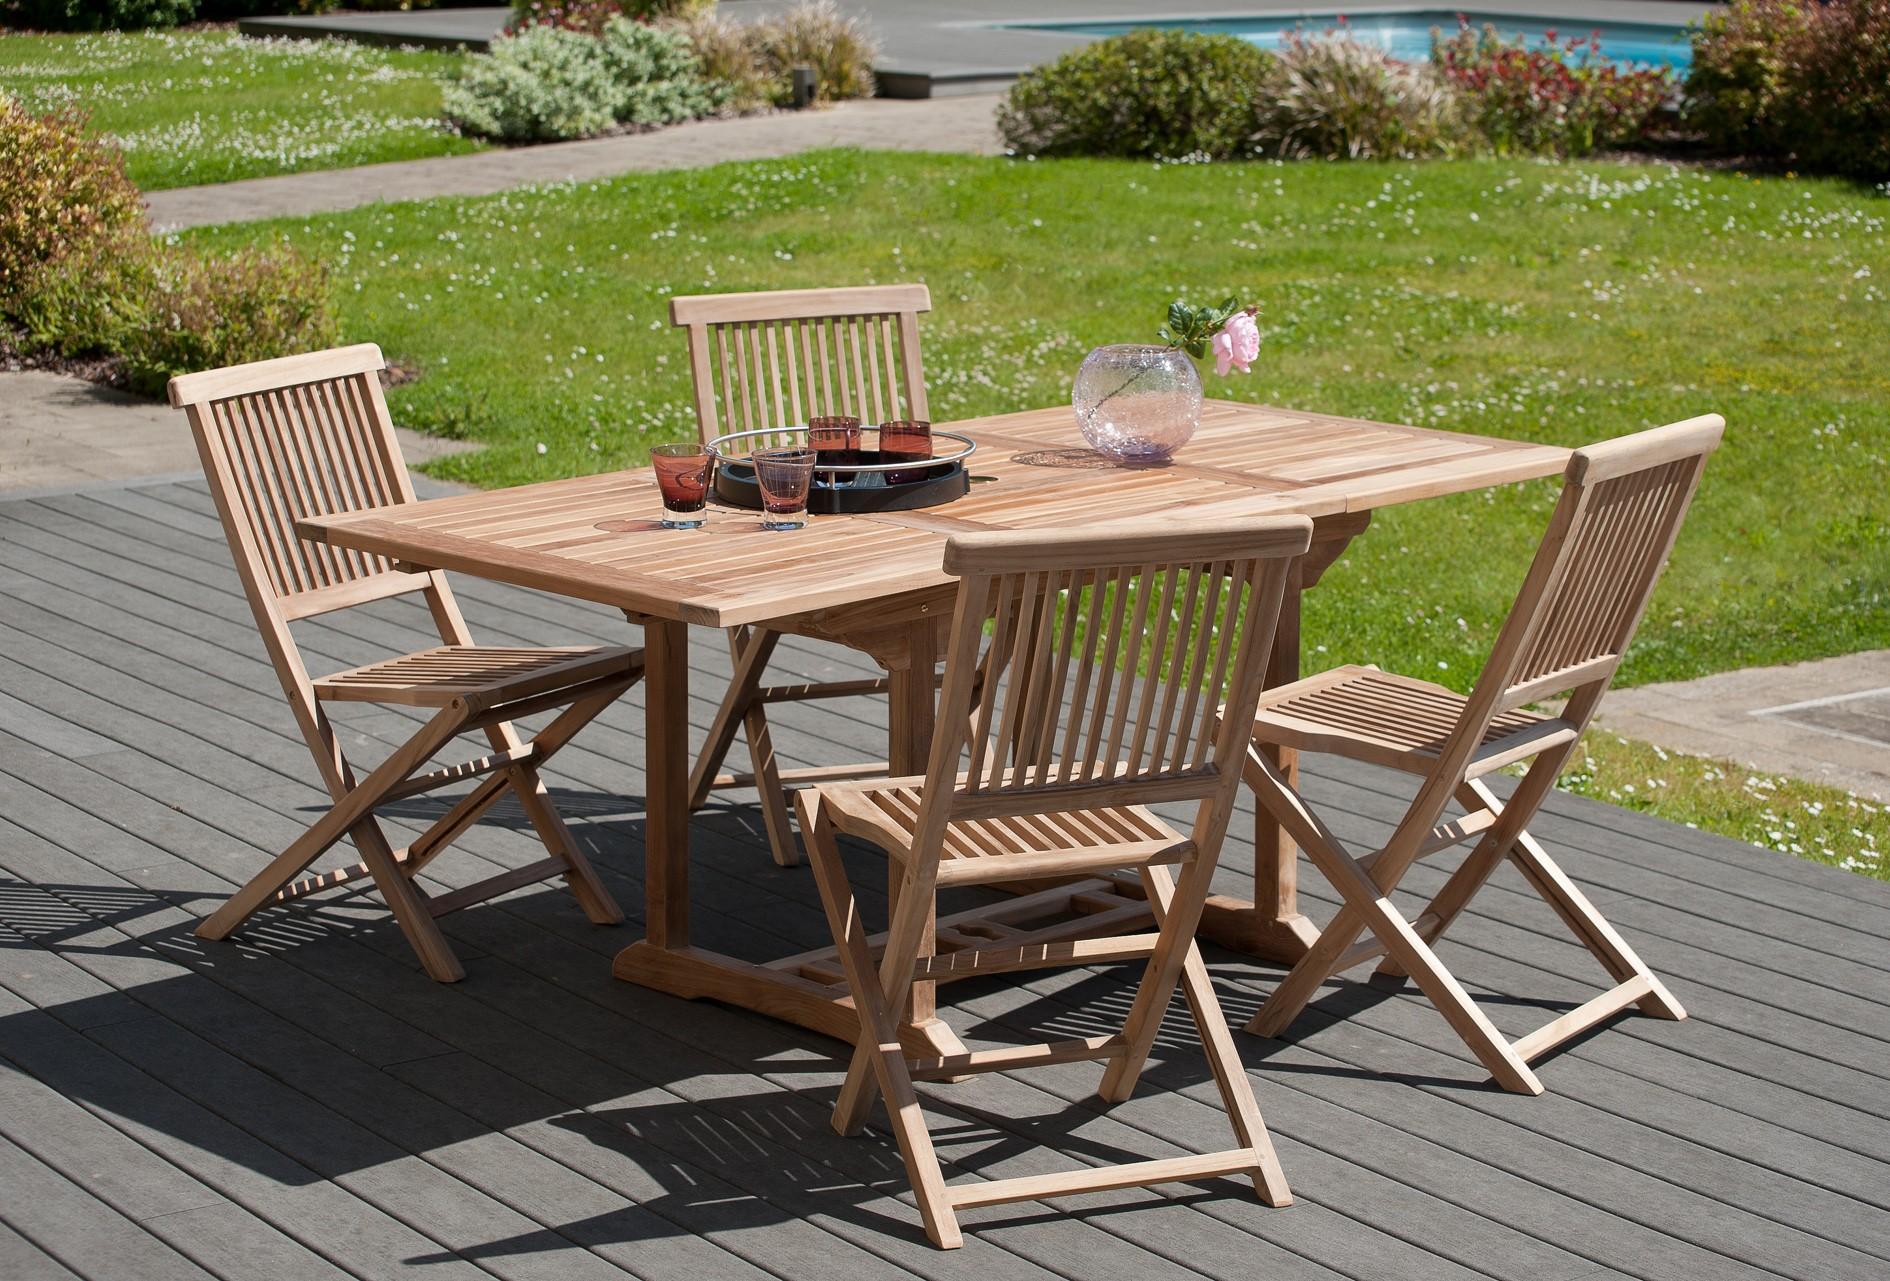 Salon de jardin en teck Table rectangle 120/180 cm et 4 chaises Java ...